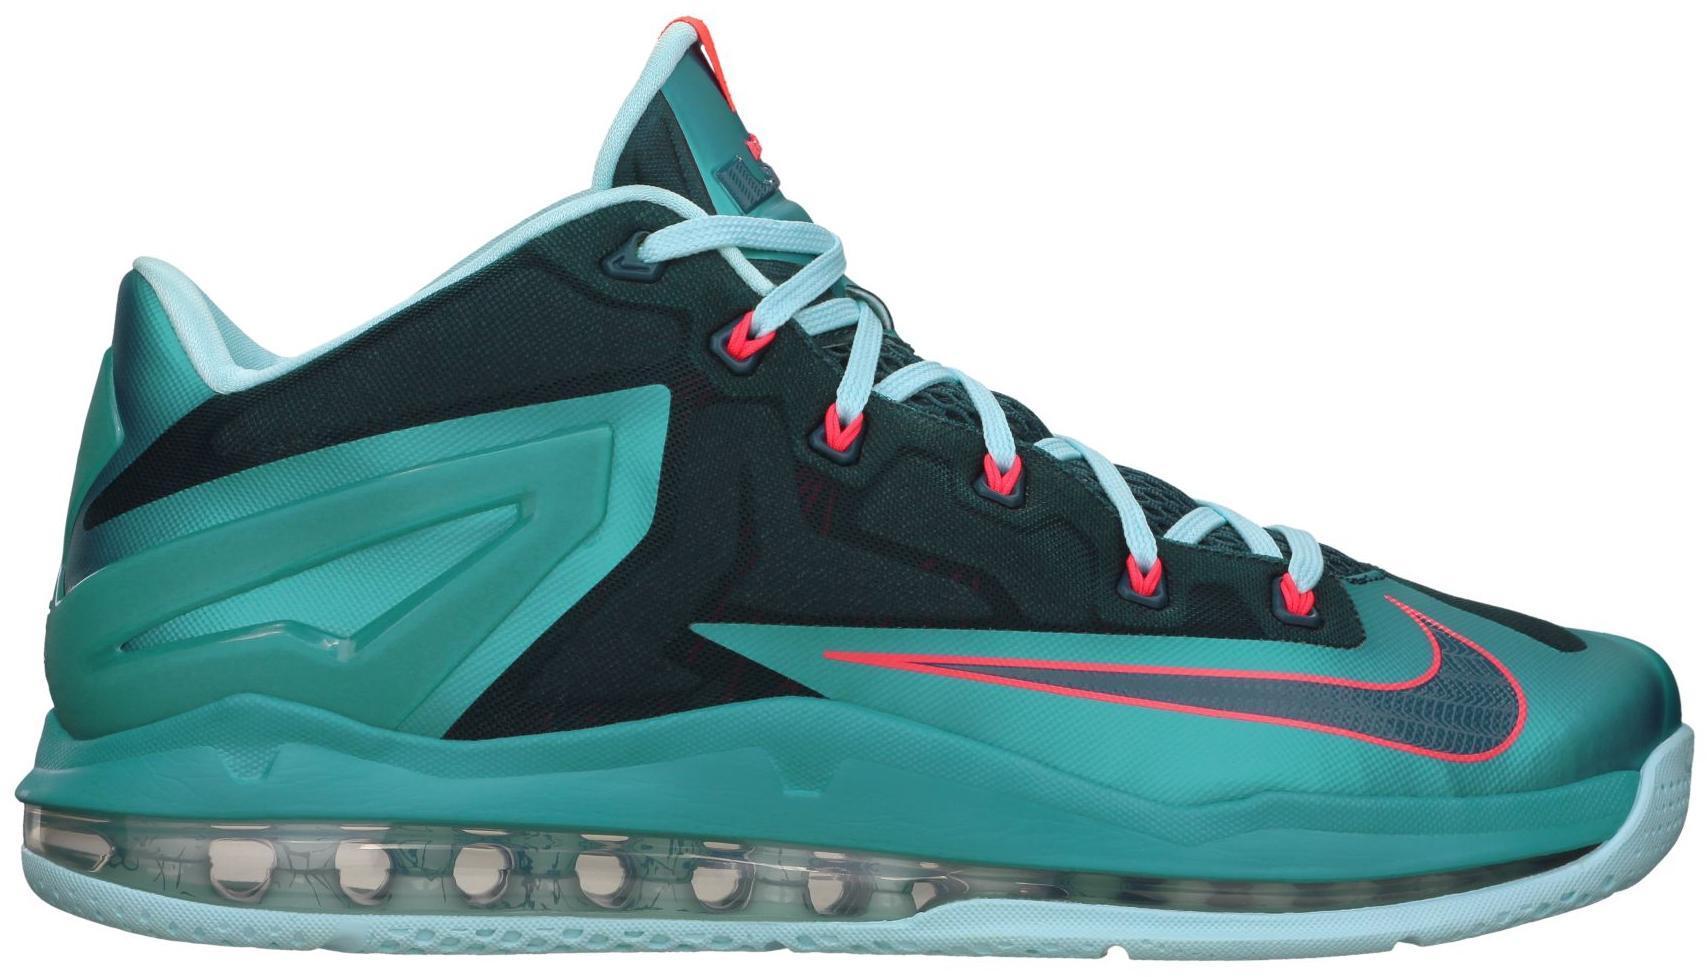 Nike LeBron 11 Low Turbo Green - 642849-300